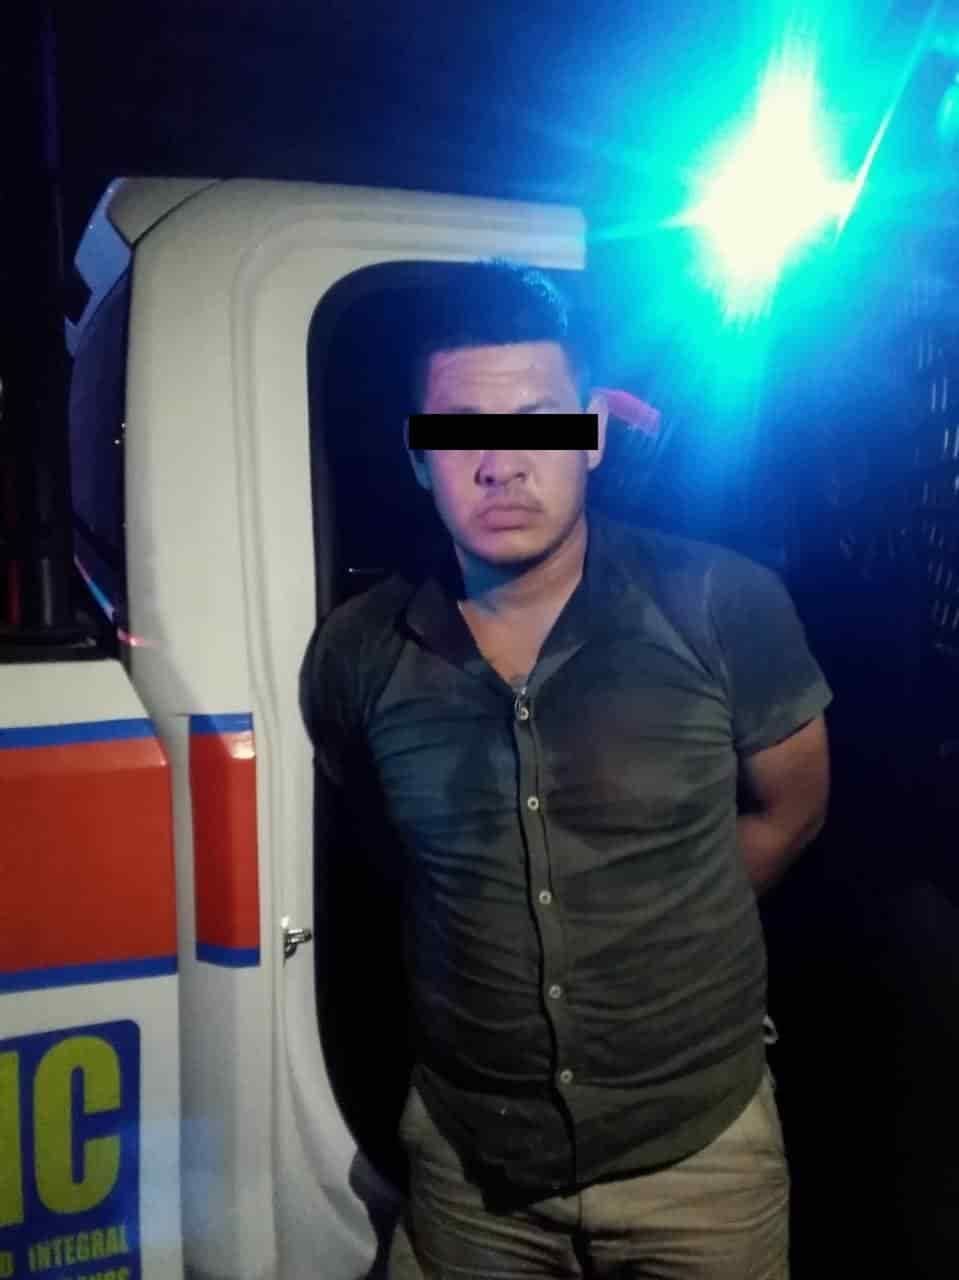 El narcodistribuidor, que portaba una gran cantidad de droga